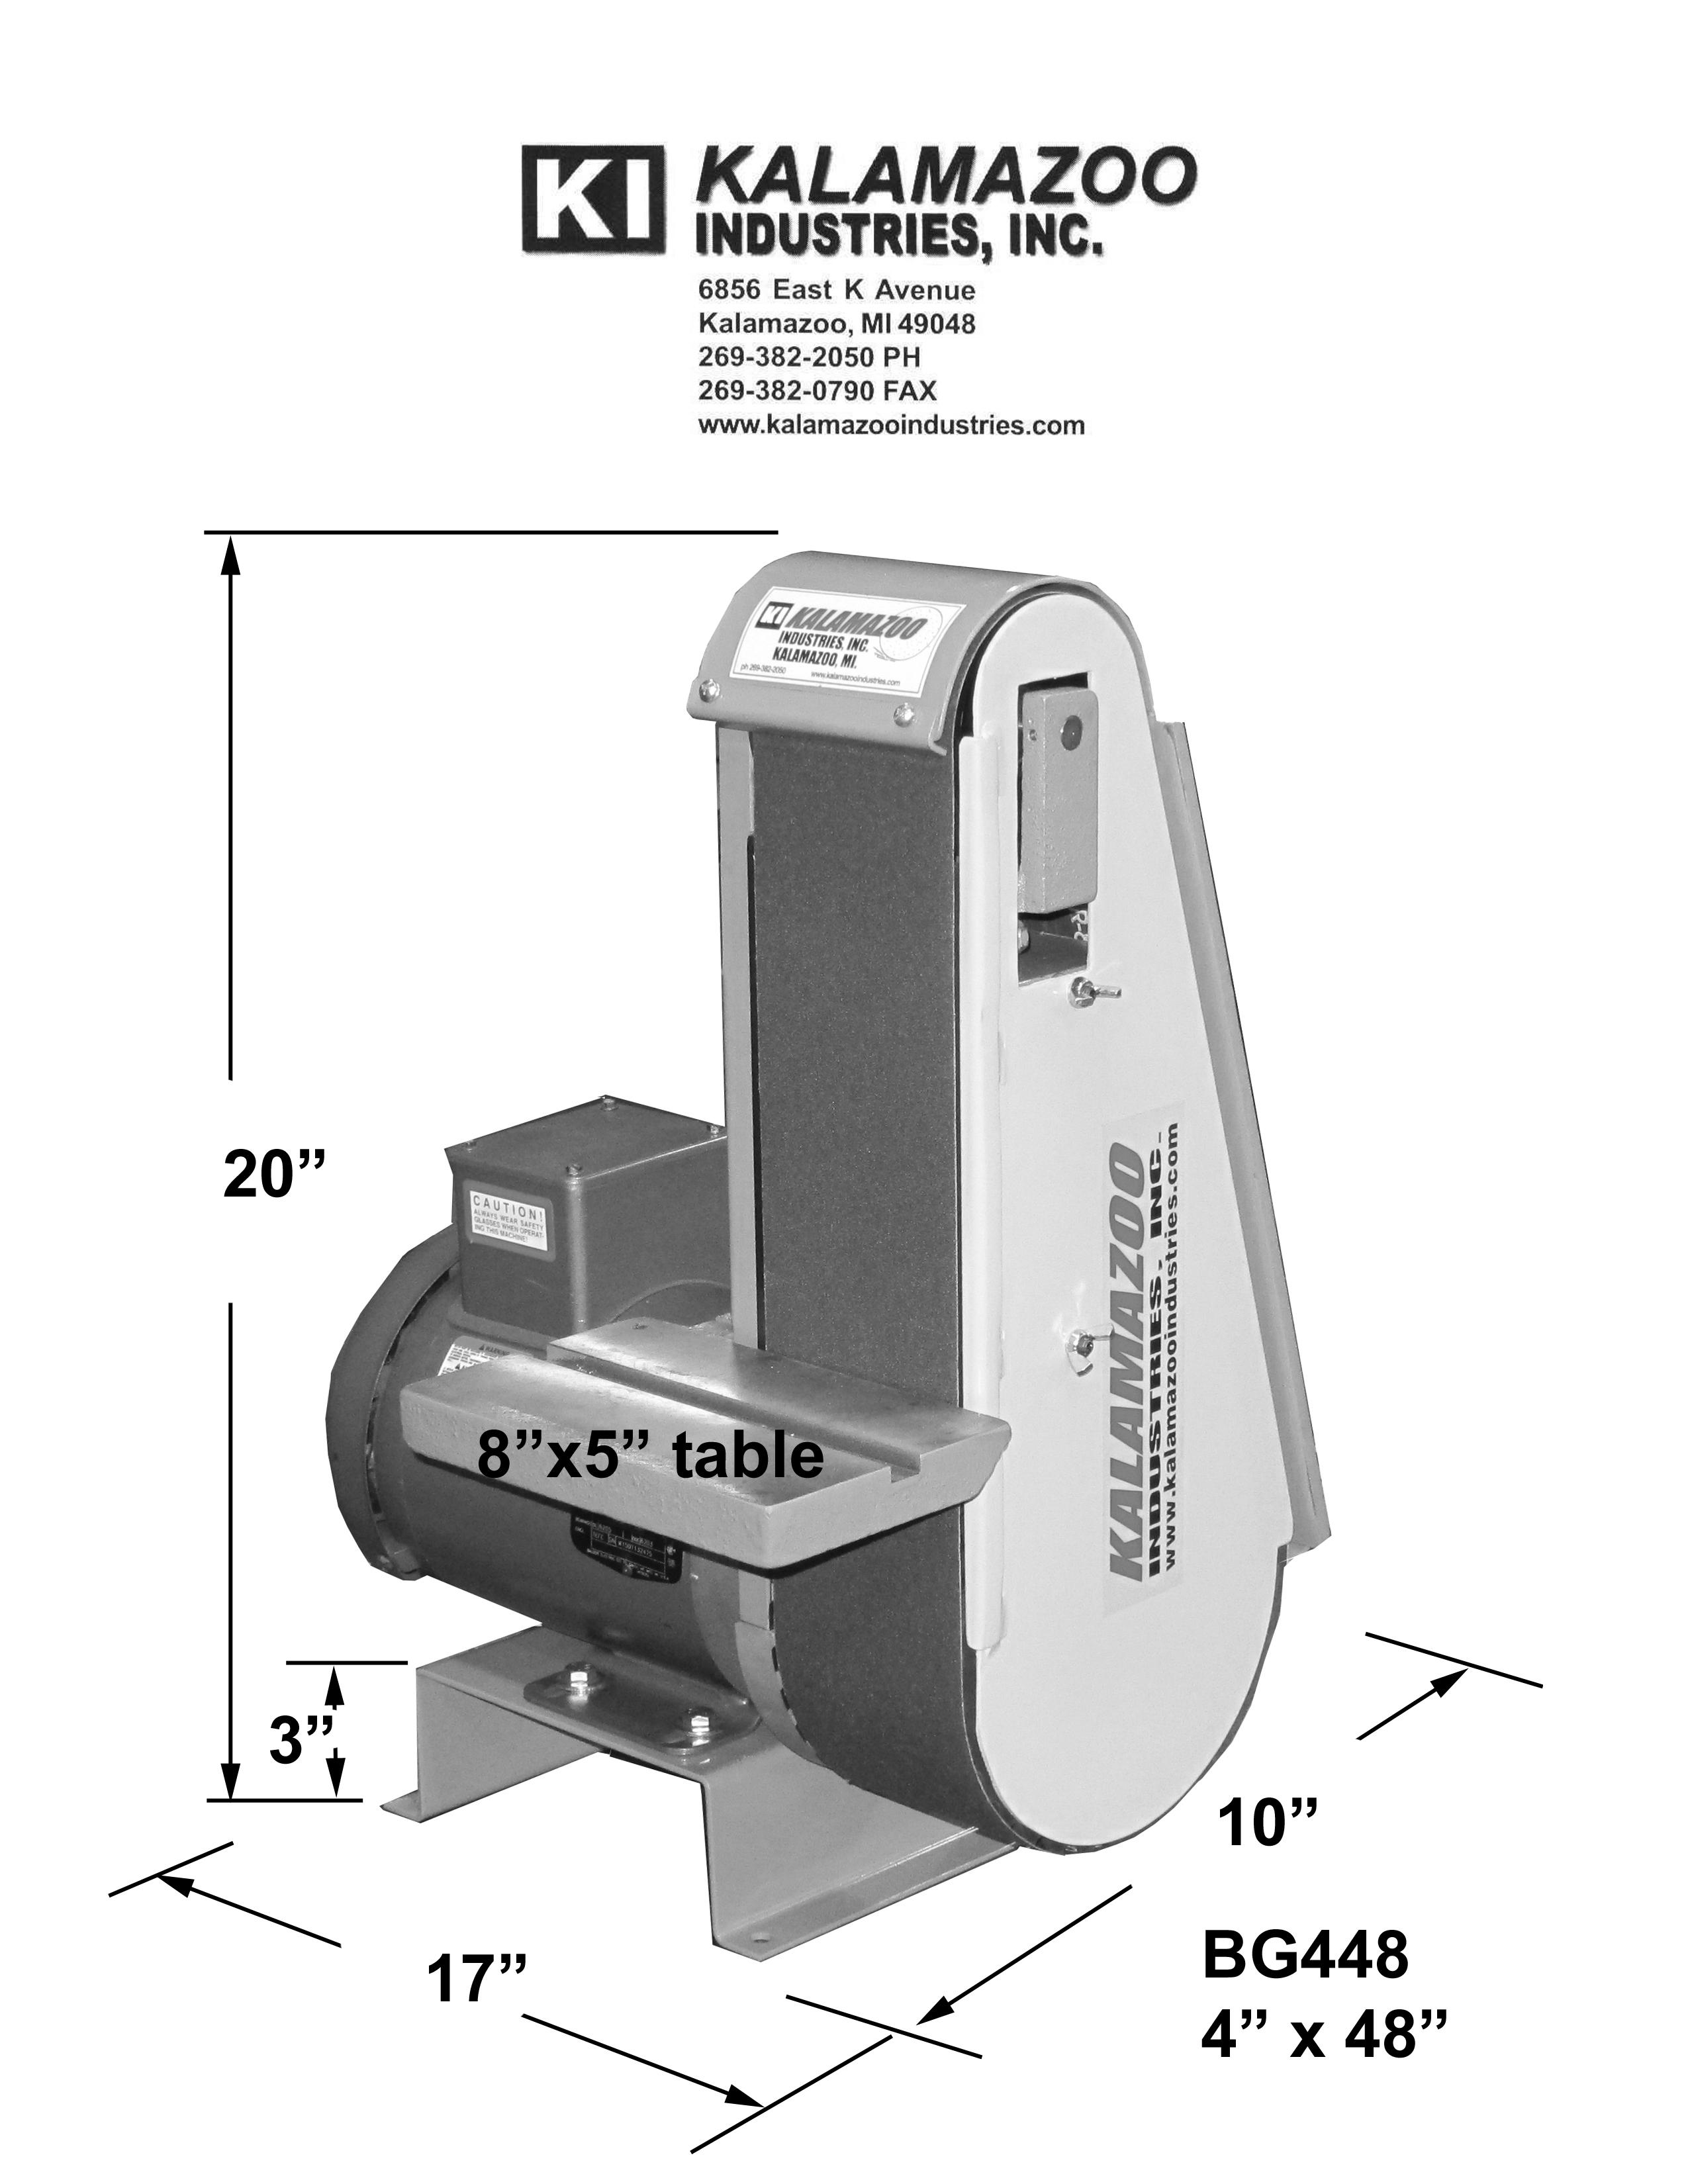 deburring, BG448 4 x 48 Industrial Abrasive Belt Grinder, 4 x 48 industrial abrasive belt grinder, descaling, beveling